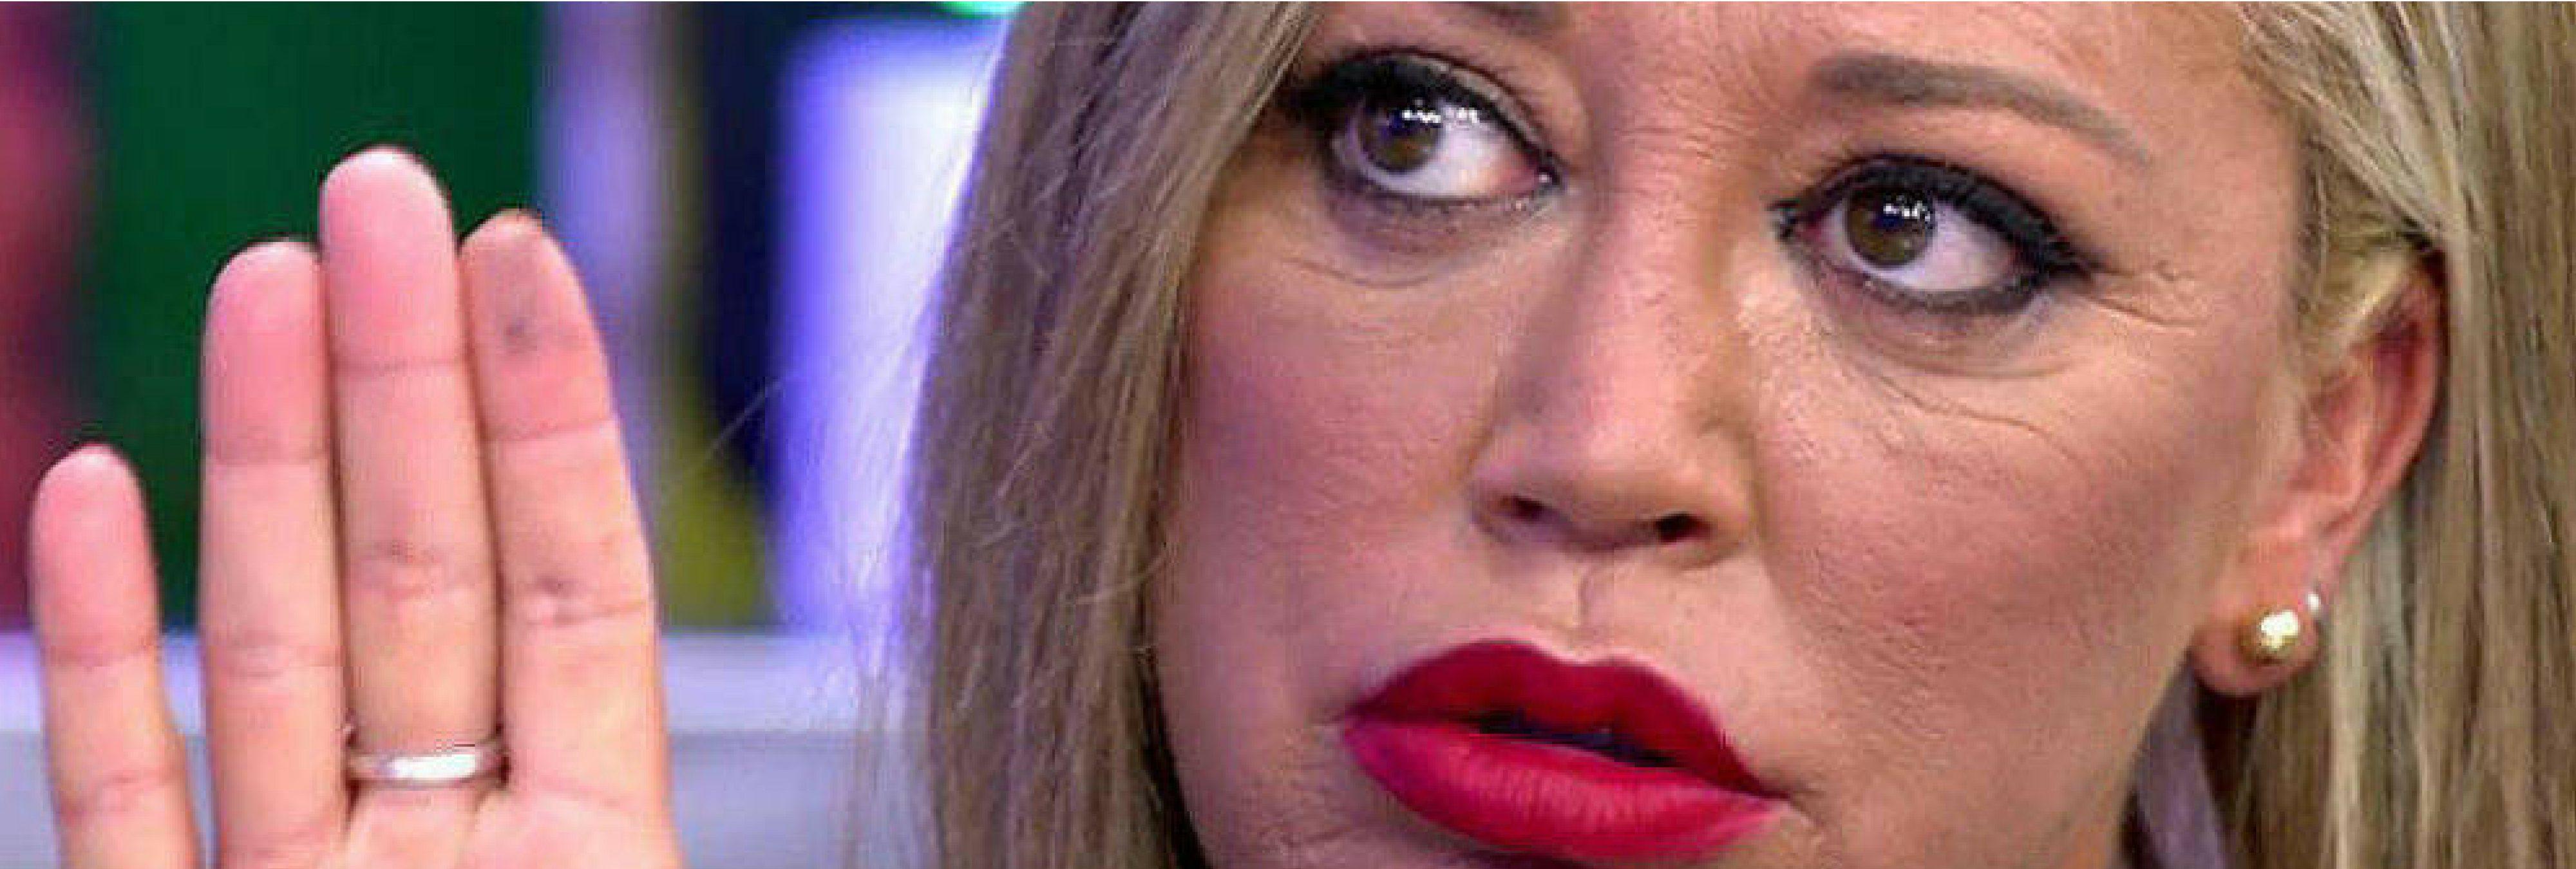 Recogen más de 5.000 firmas para que Belén Esteban no vuelva a salir en televisión